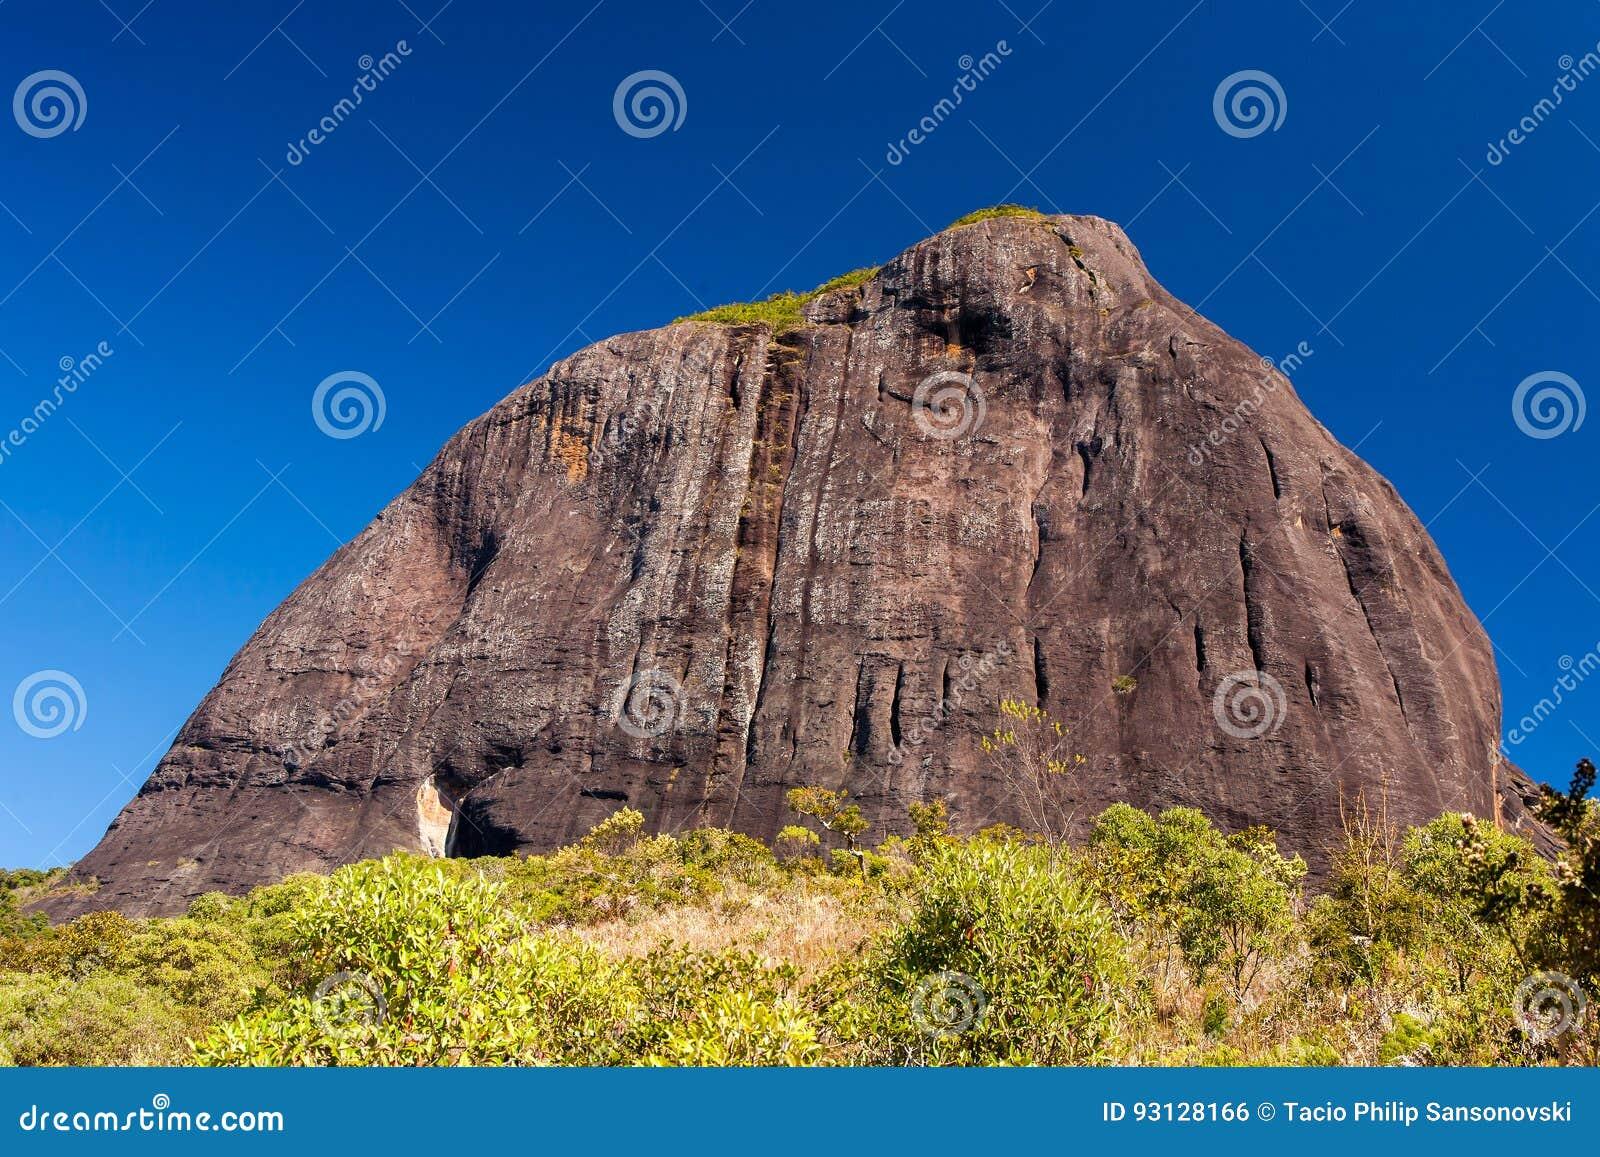 Rocky mountain climbing in Brazil - Pico do Papagaio